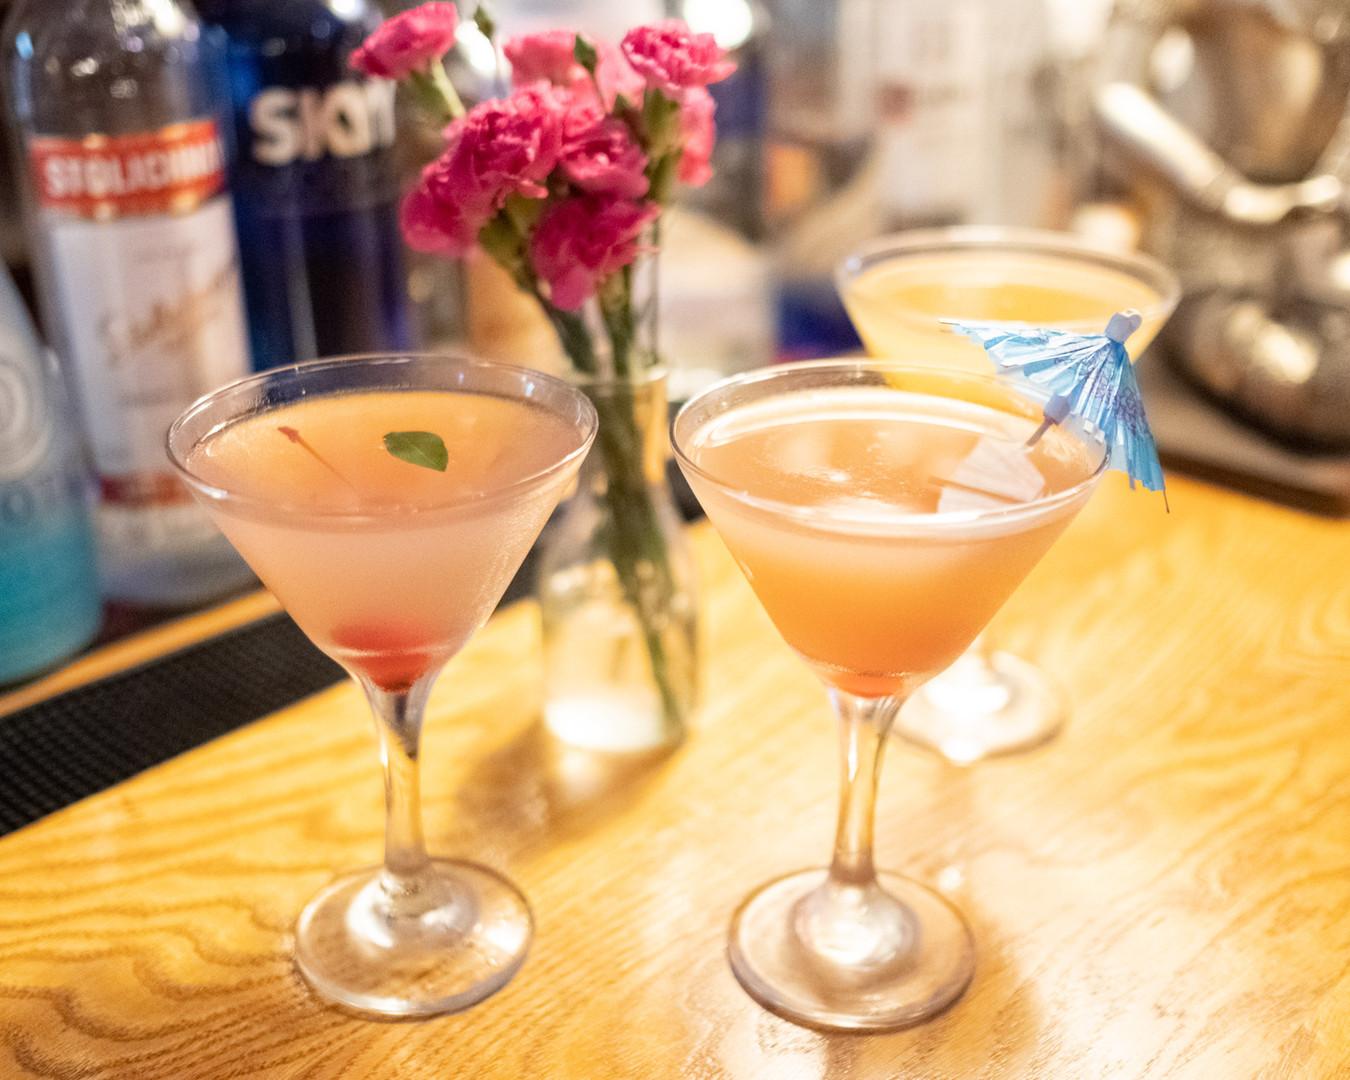 TasteOfThailand_Cocktails_2880x2304.jpg